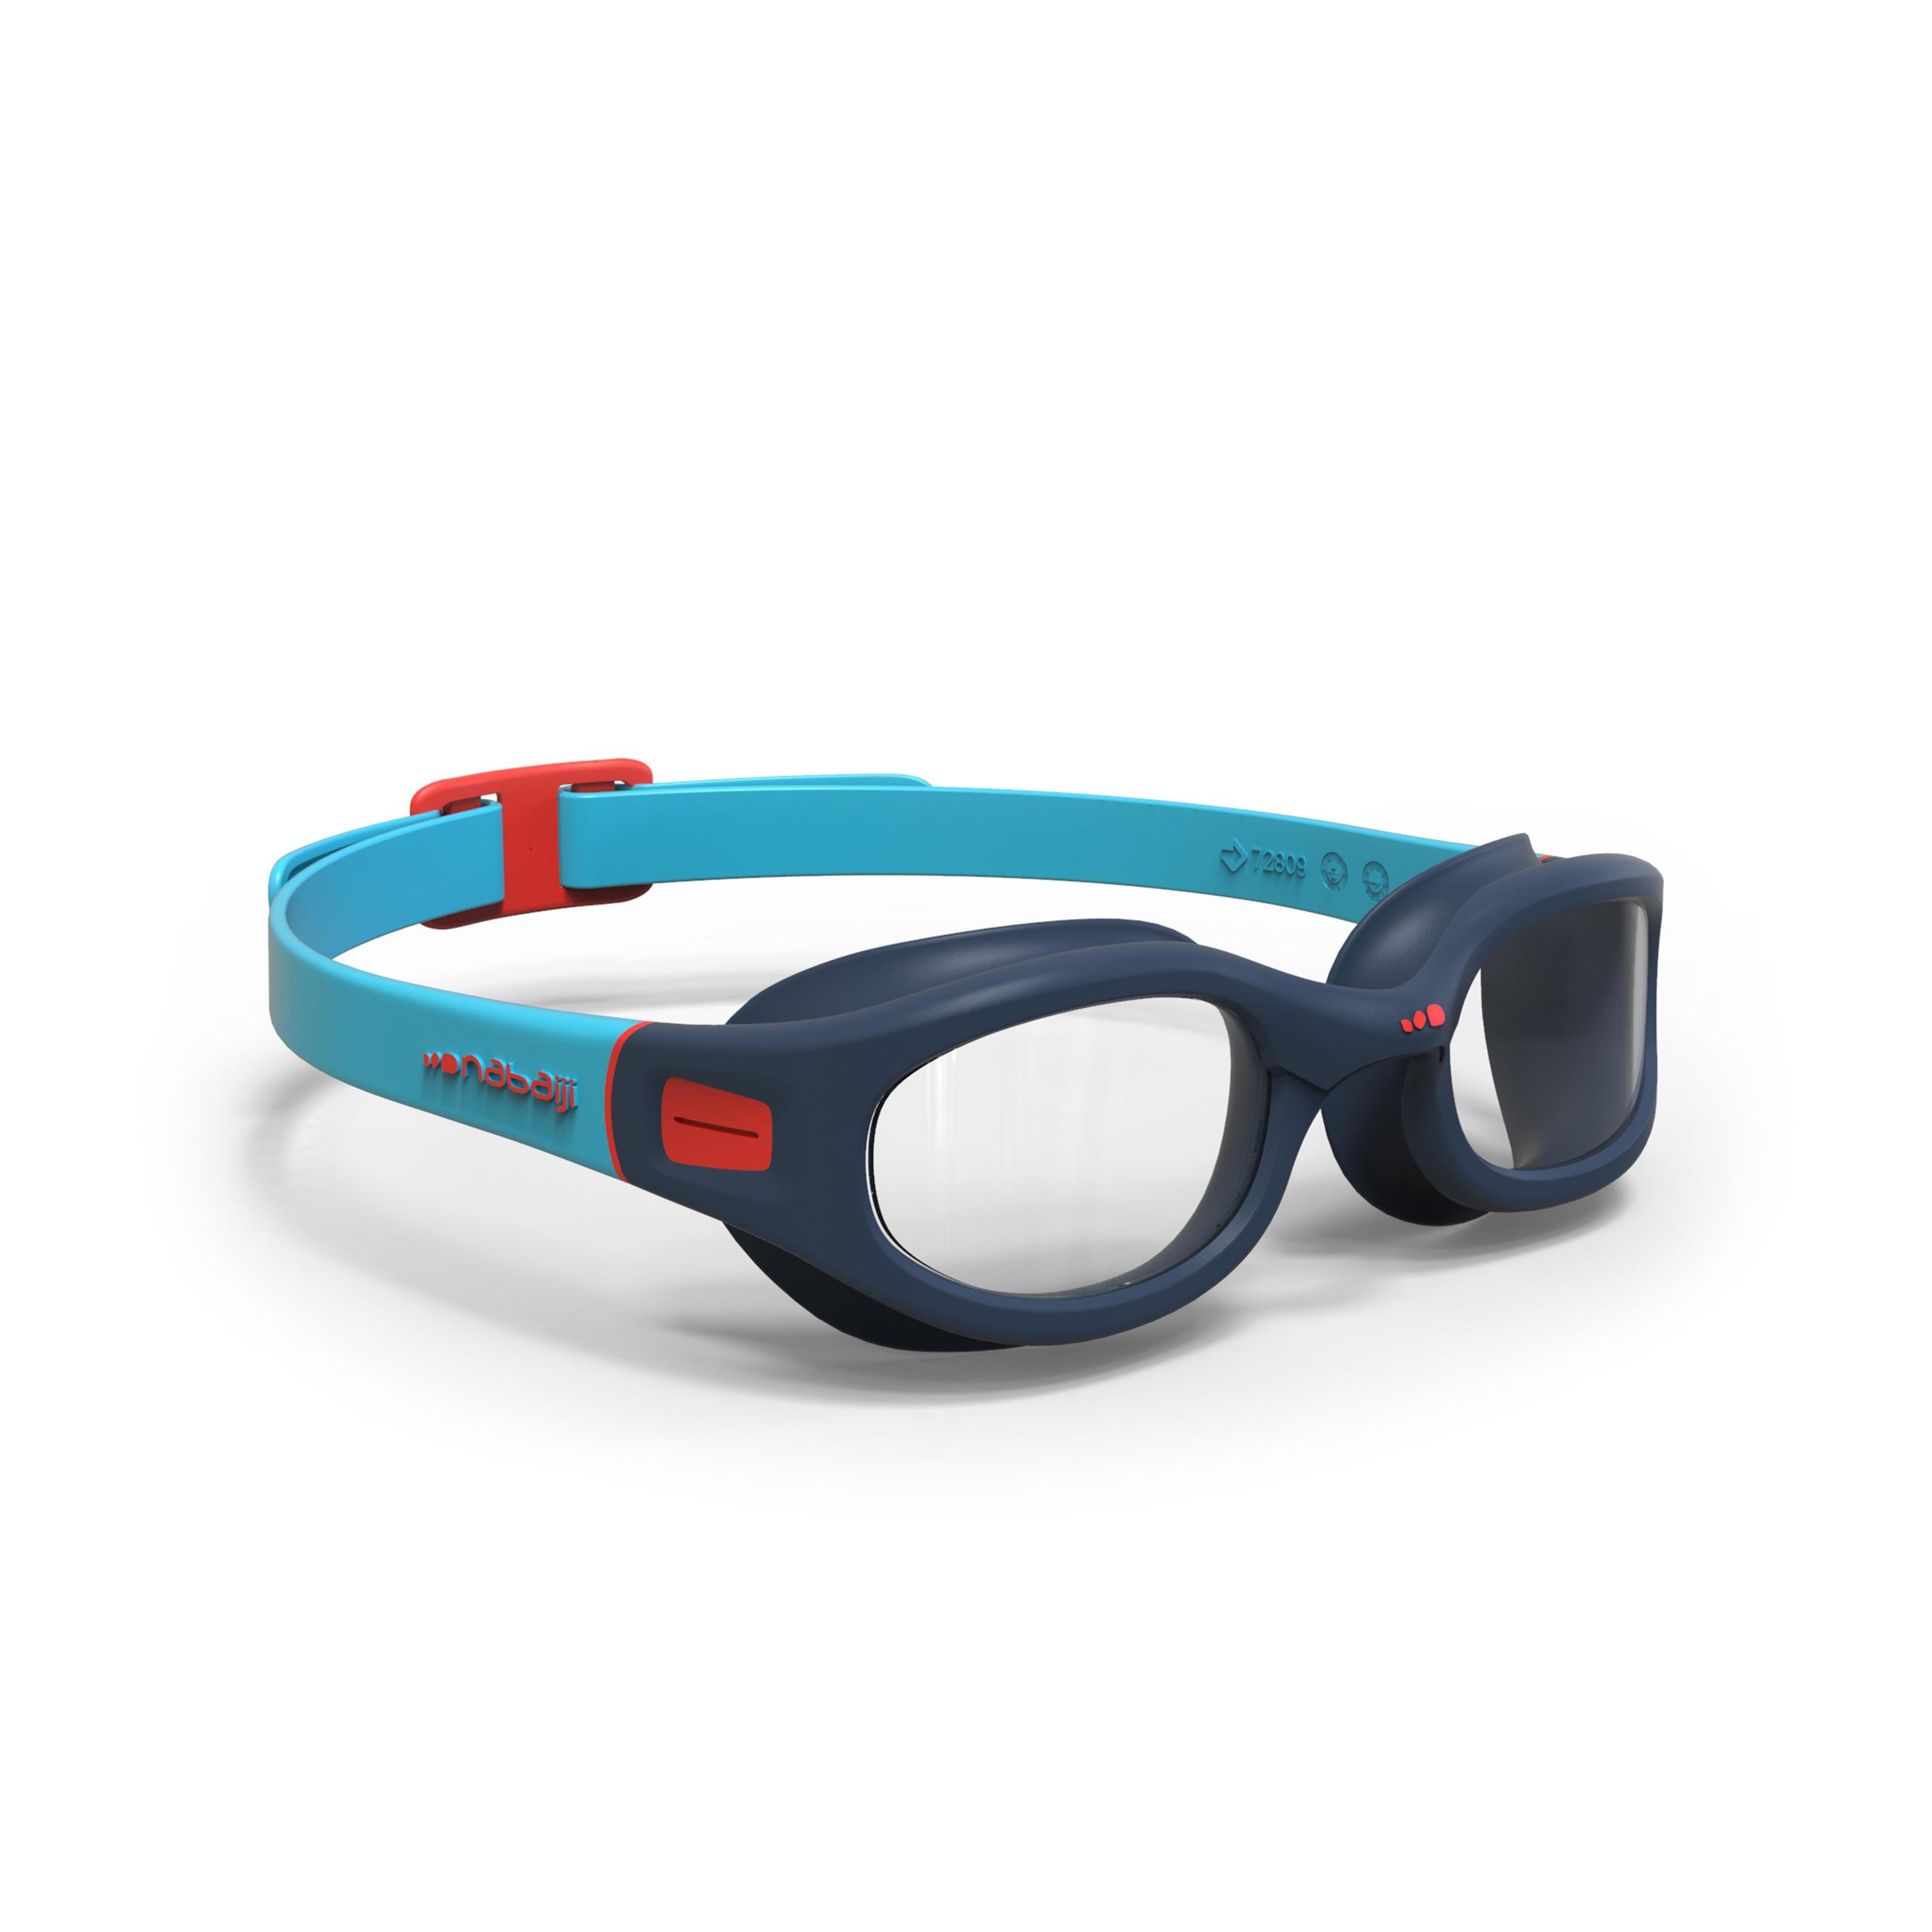 Lunettes de natation taille P Souples 190 bleues Rouges